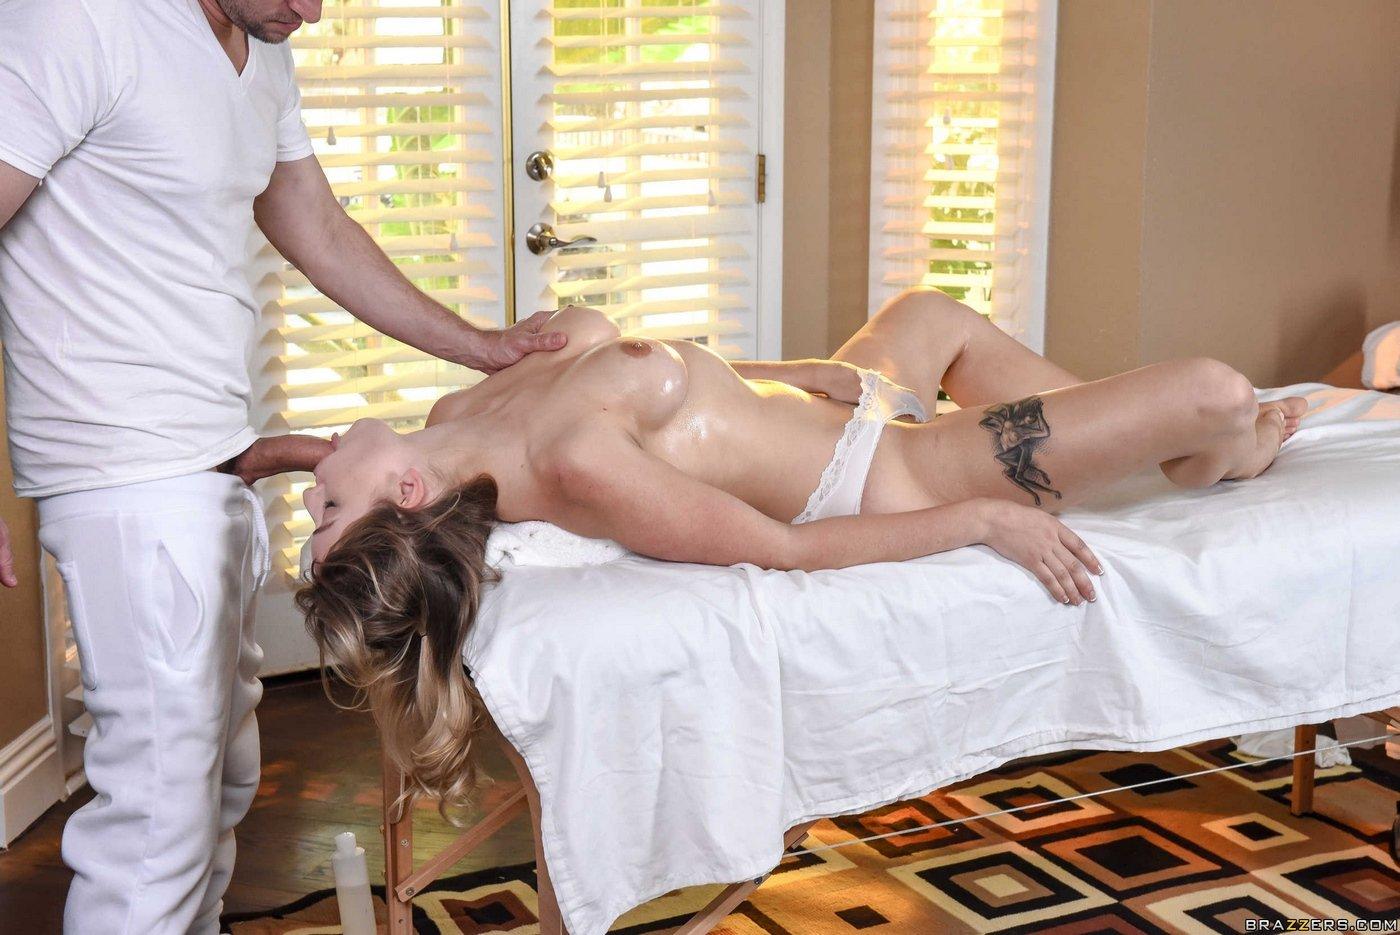 Фото про секс на массажном столе — photo 12